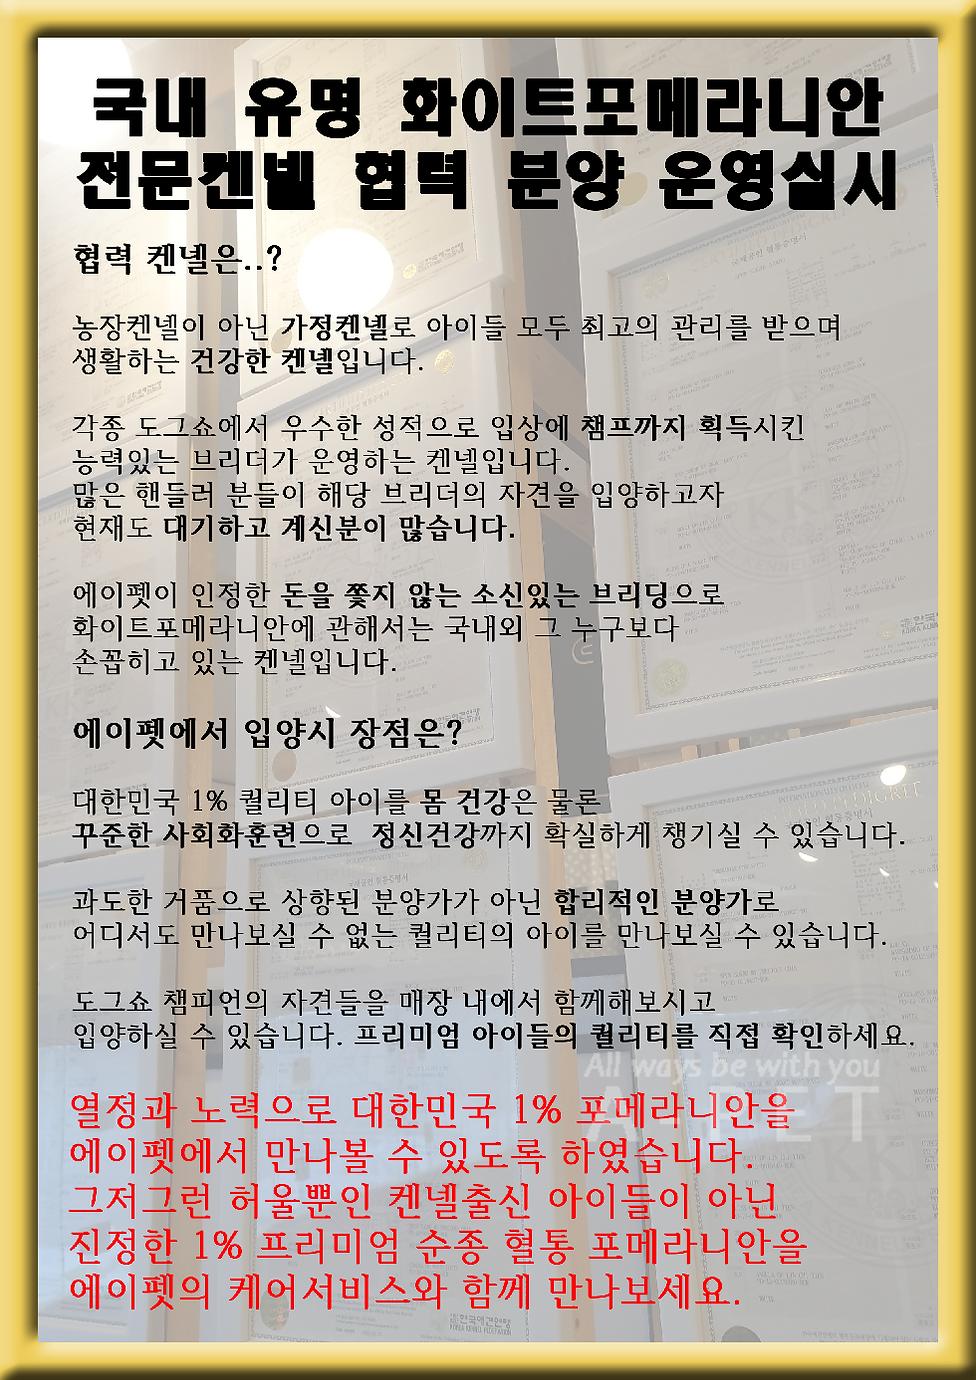 혈통포메 글.png